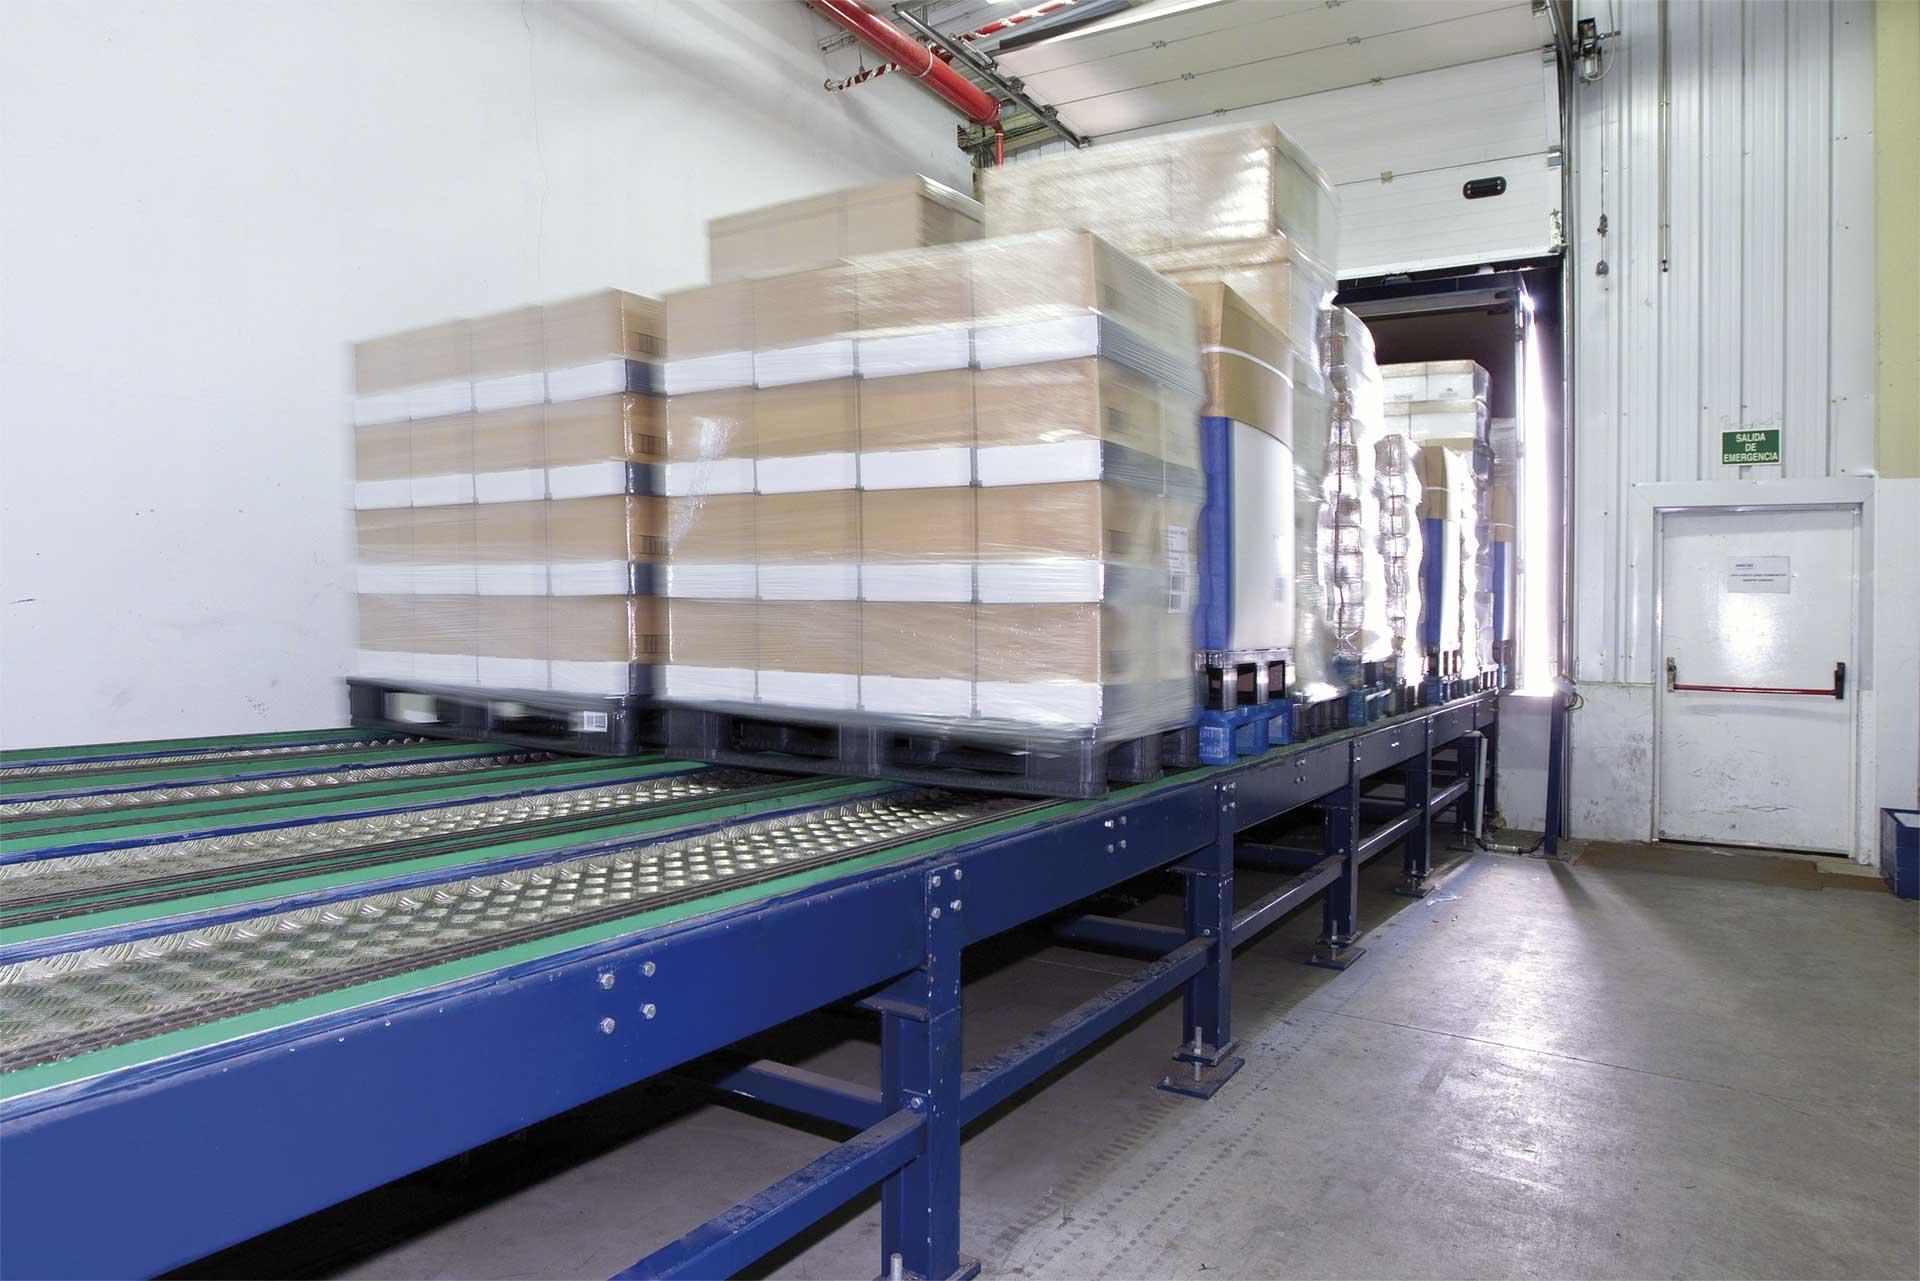 Los sistemas automáticos de carga y descarga de camiones ofrecen agilidad y seguridad en la zona de muelles del almacén.